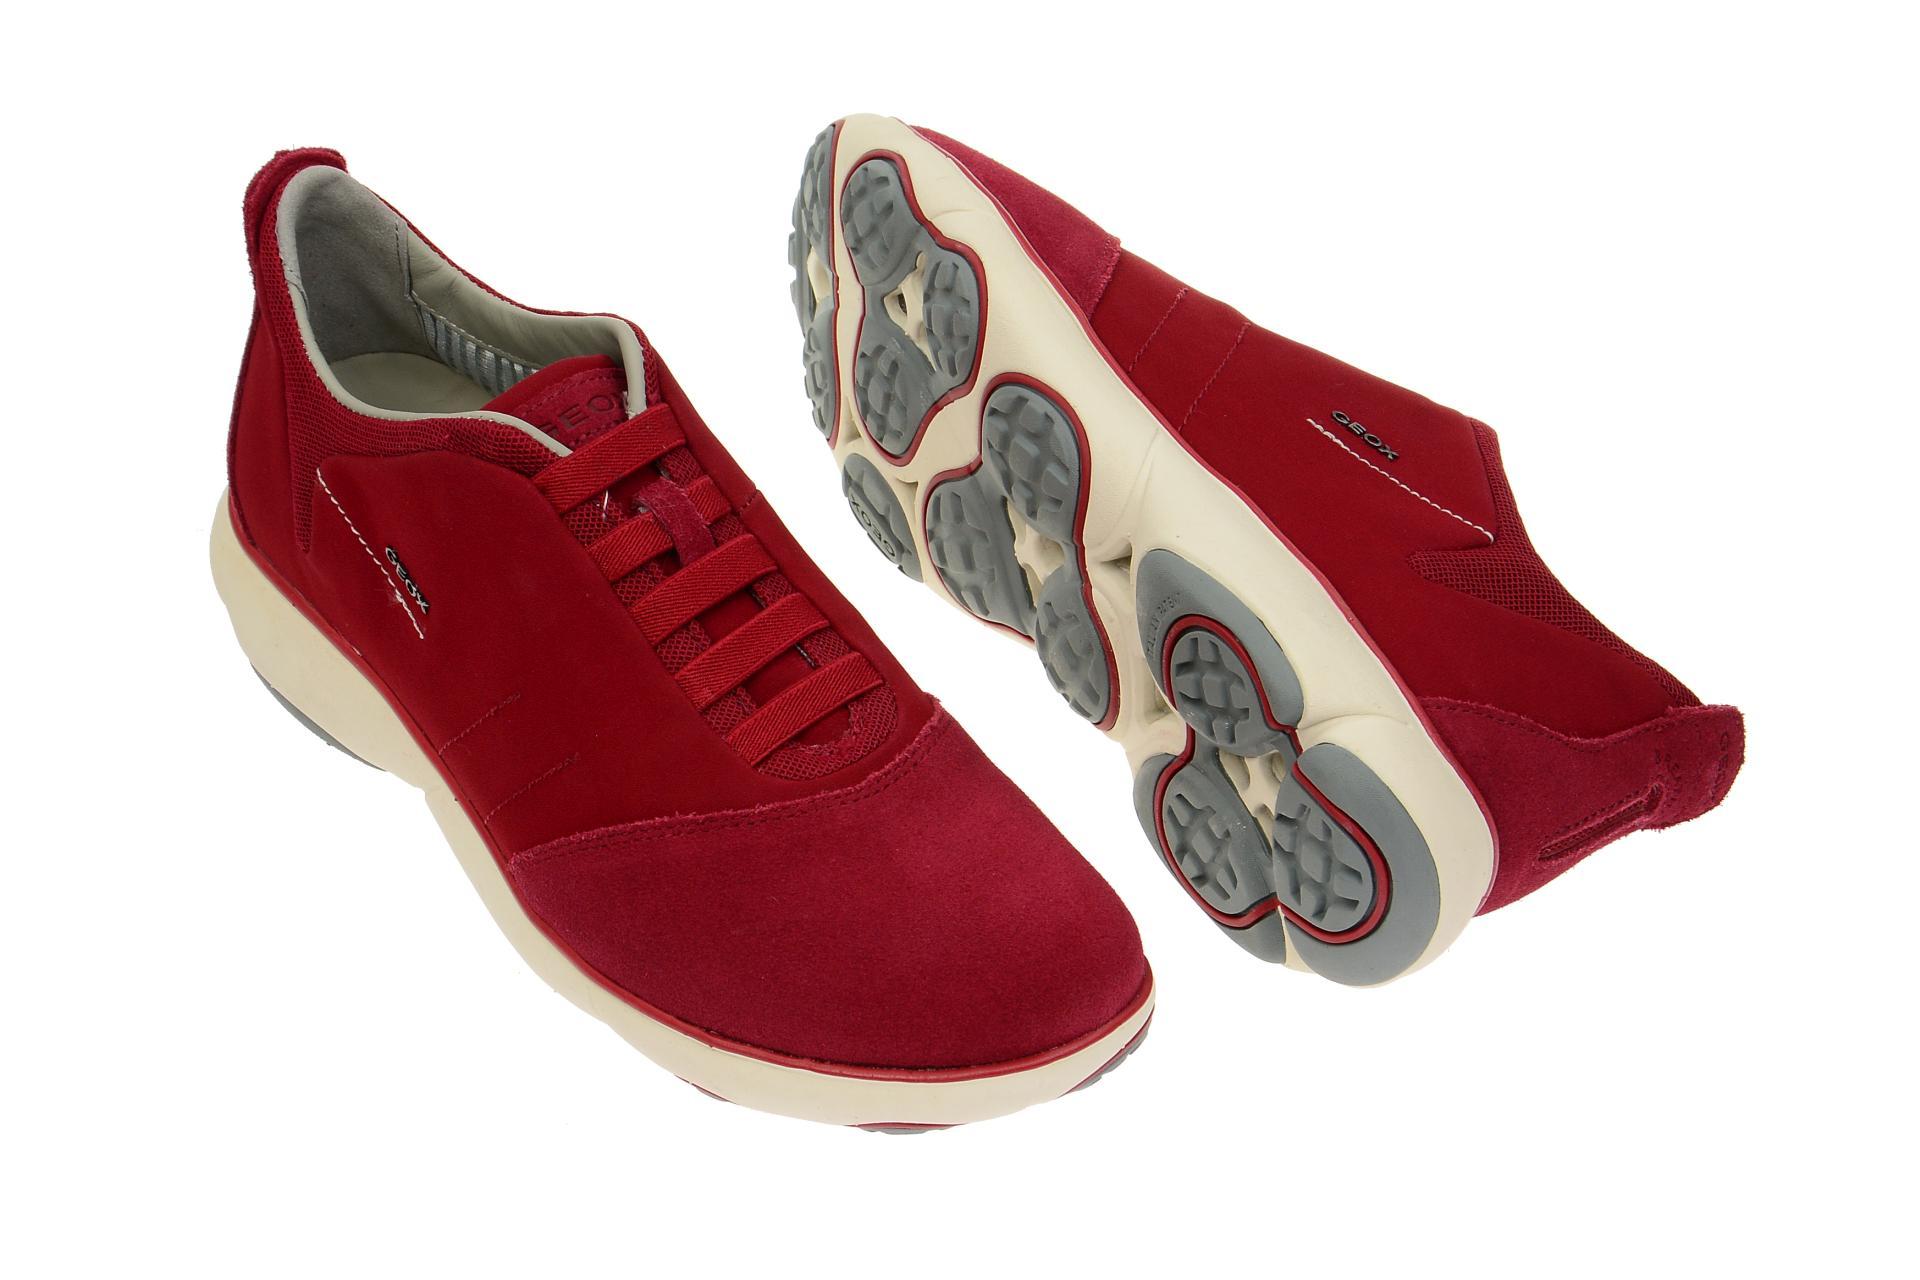 Geox Schuhe NEBULA rot Herrenschuhe bequeme Slipper U52D7B 0ZB22 C7004 NEU